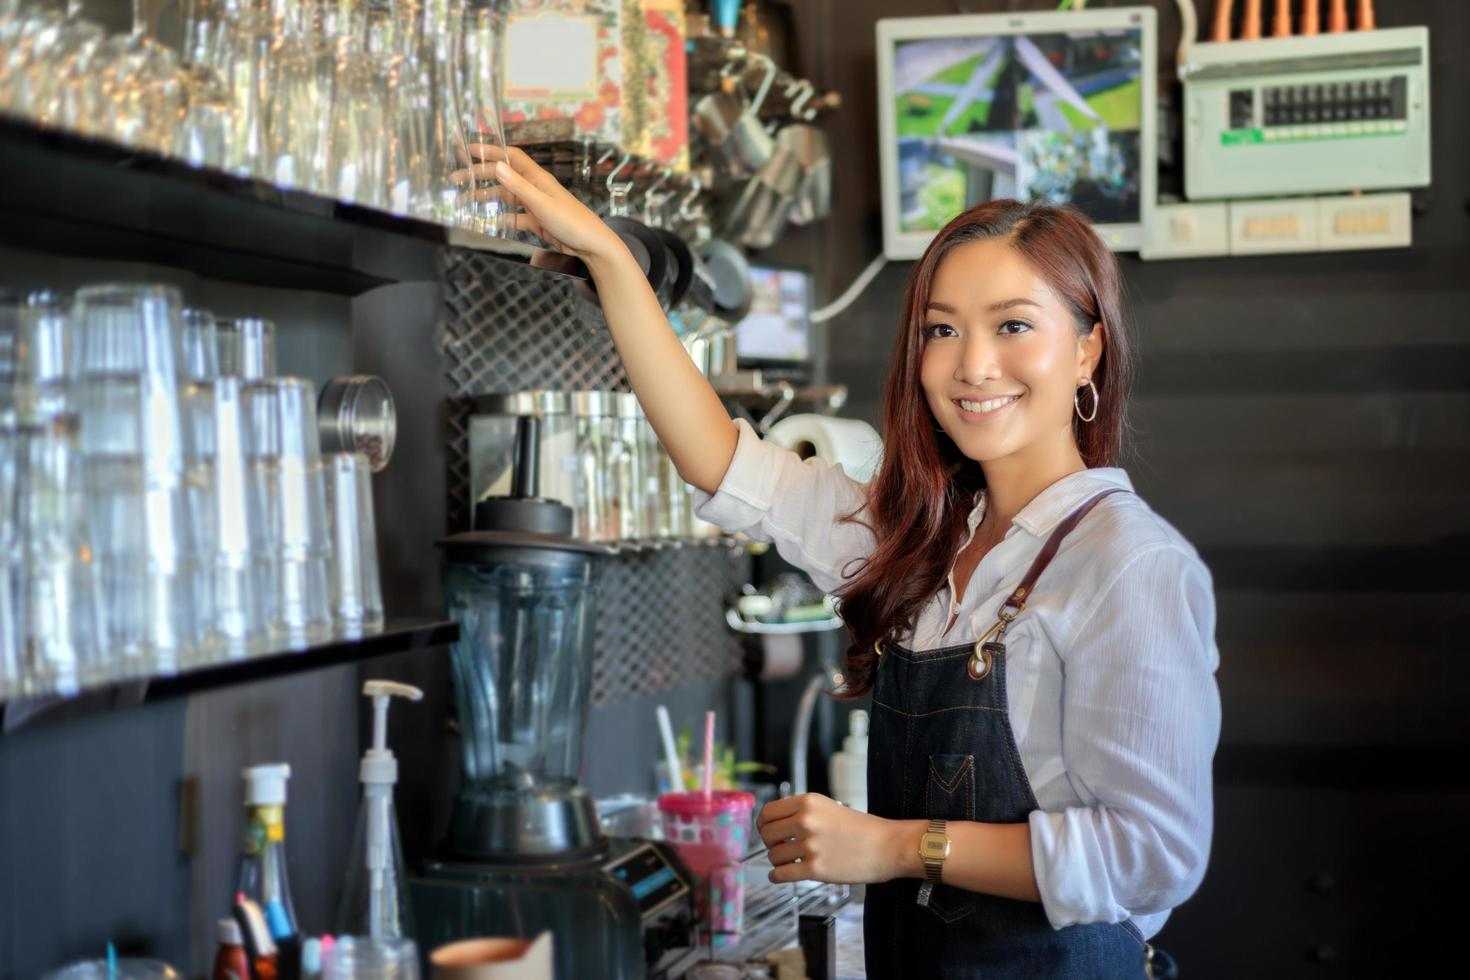 kvinnlig asiatisk barista leende medan du använder kaffemaskin foto